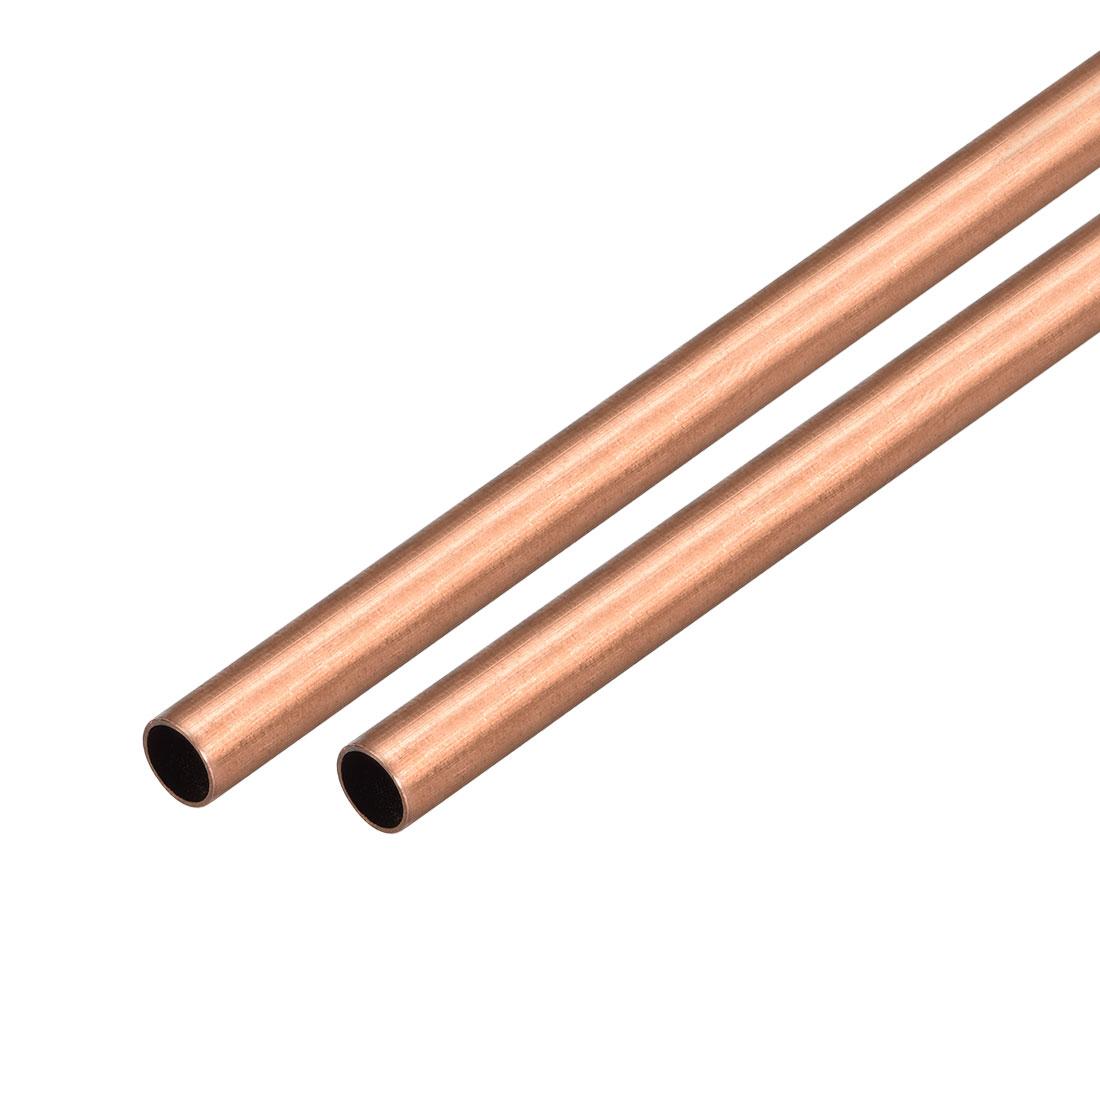 2Pcs 8mm Outside Diameter x 7mm Inside Diameter 500mm Copper Round Tube Pipe